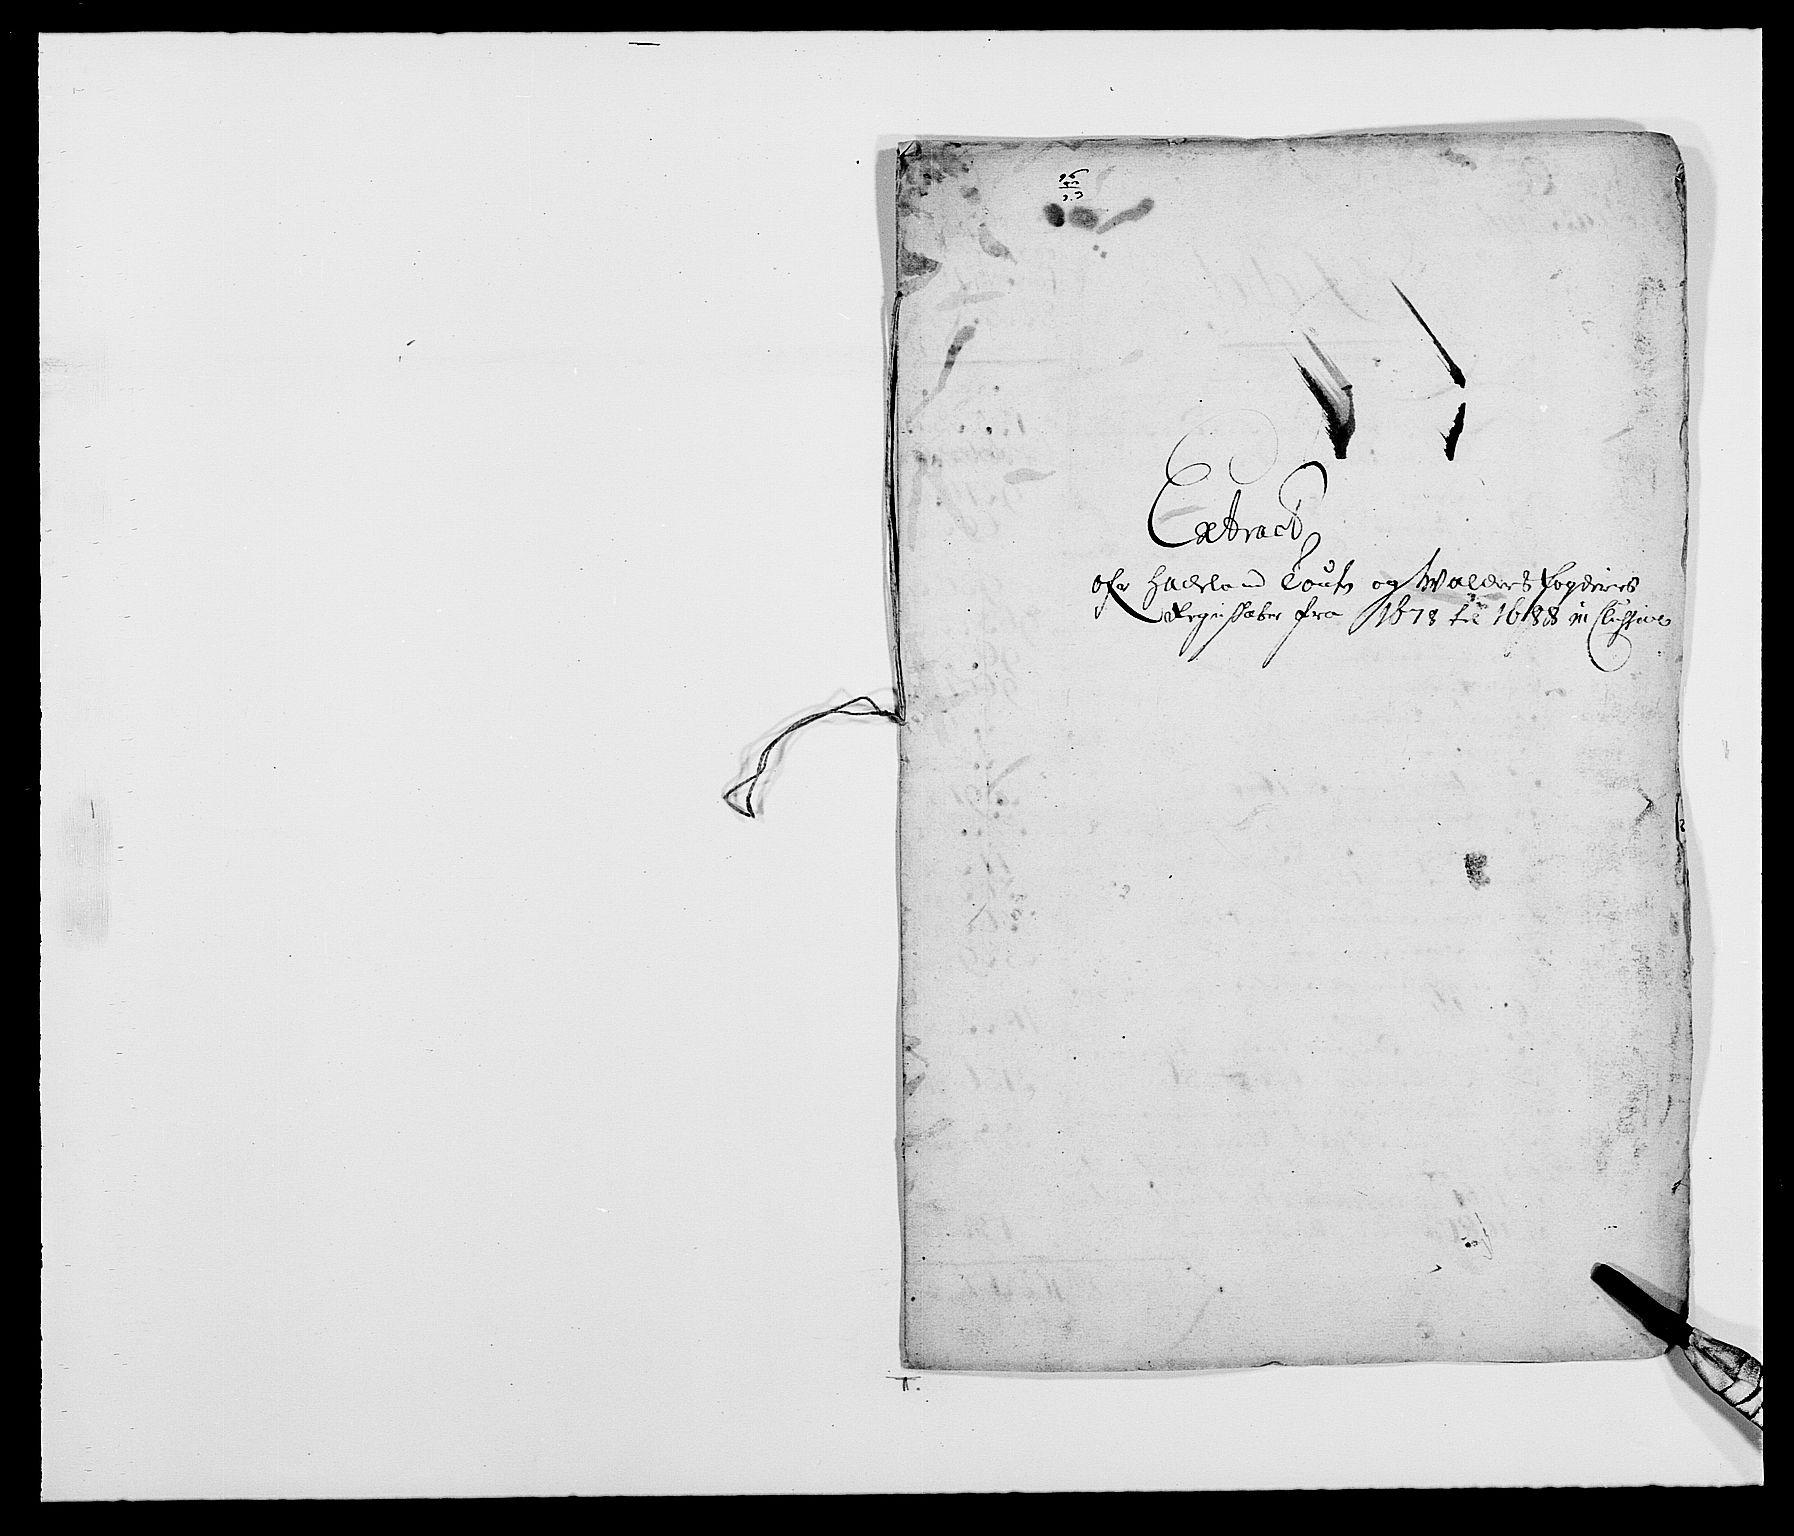 RA, Rentekammeret inntil 1814, Reviderte regnskaper, Fogderegnskap, R18/L1287: Fogderegnskap Hadeland, Toten og Valdres, 1688, s. 41